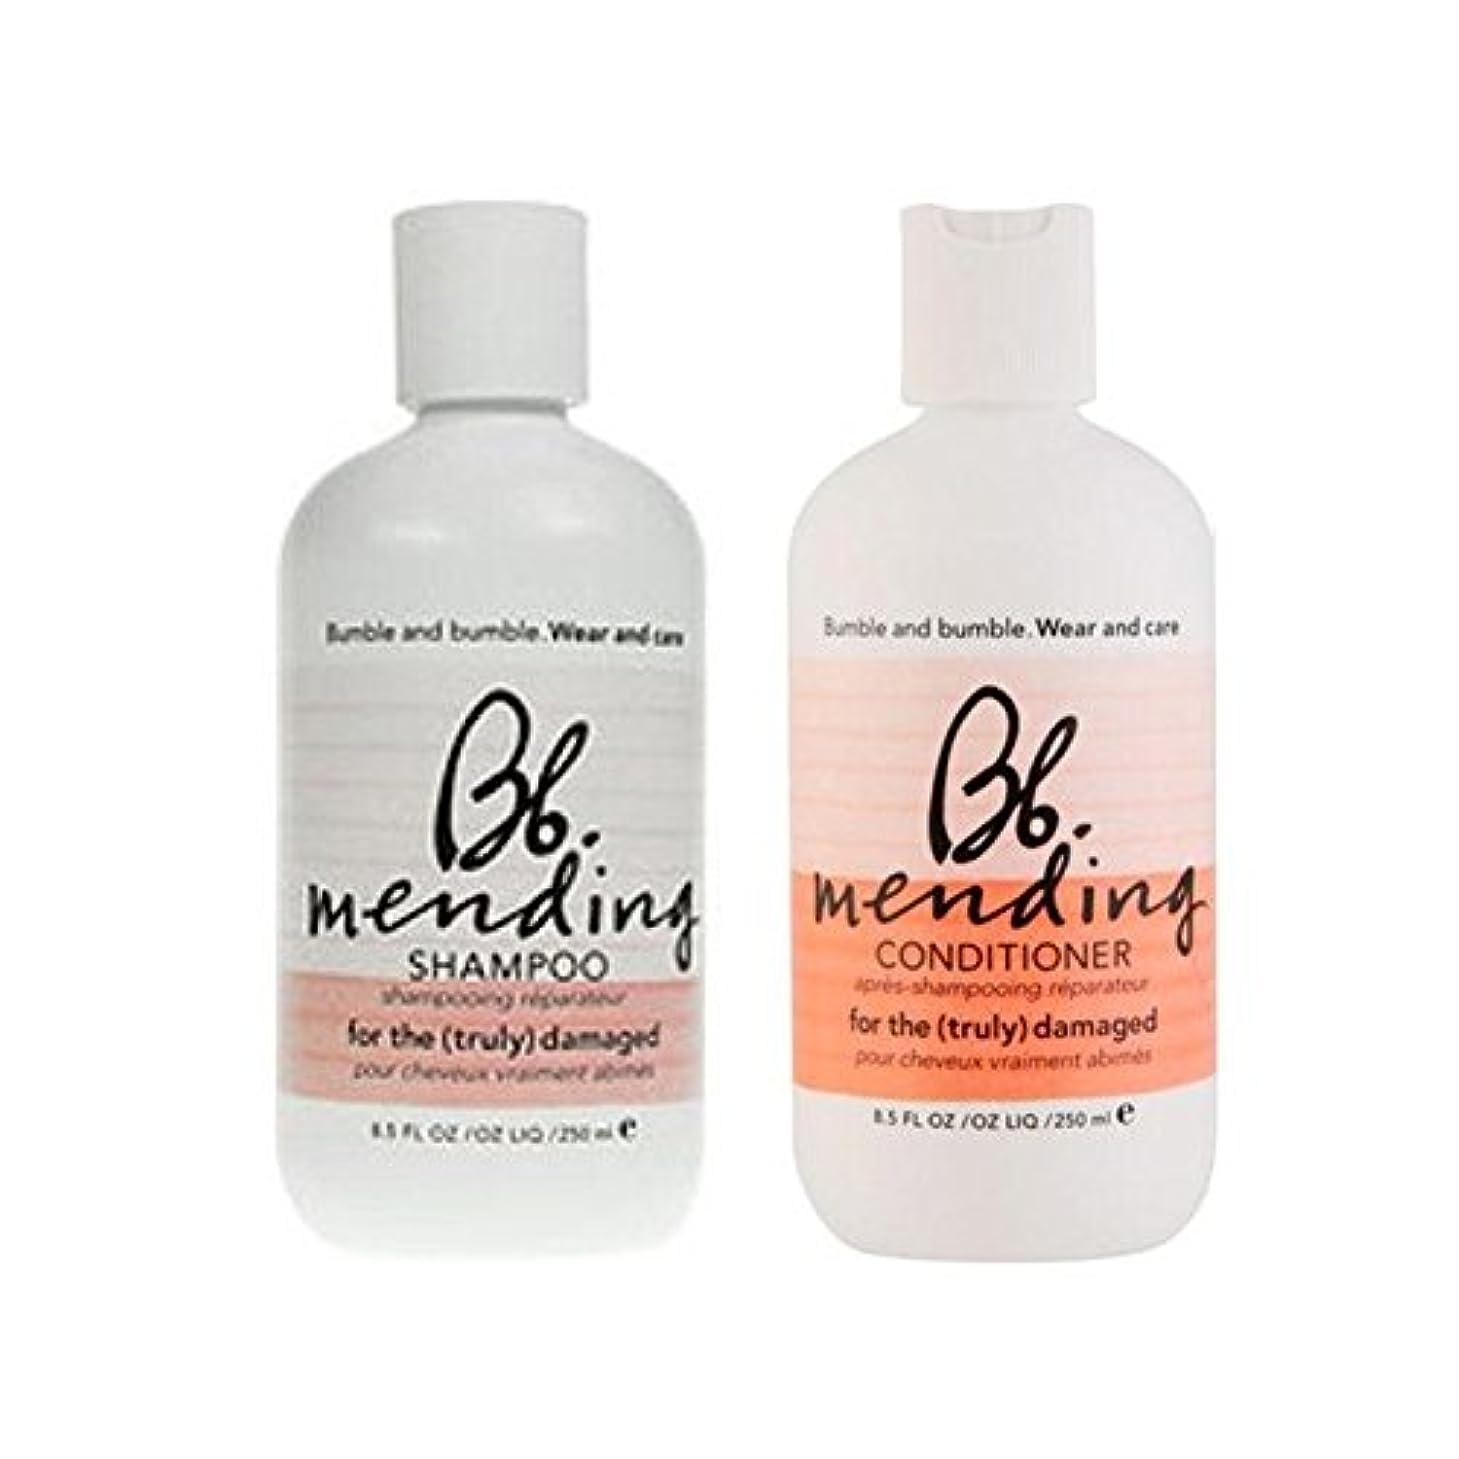 プロテスタントくしゃみくしゃみ着用し、-シャンプーとコンディショナーを補修ケア x2 - Bb Wear And Care Mending Duo- Shampoo And Conditioner (Pack of 2) [並行輸入品]